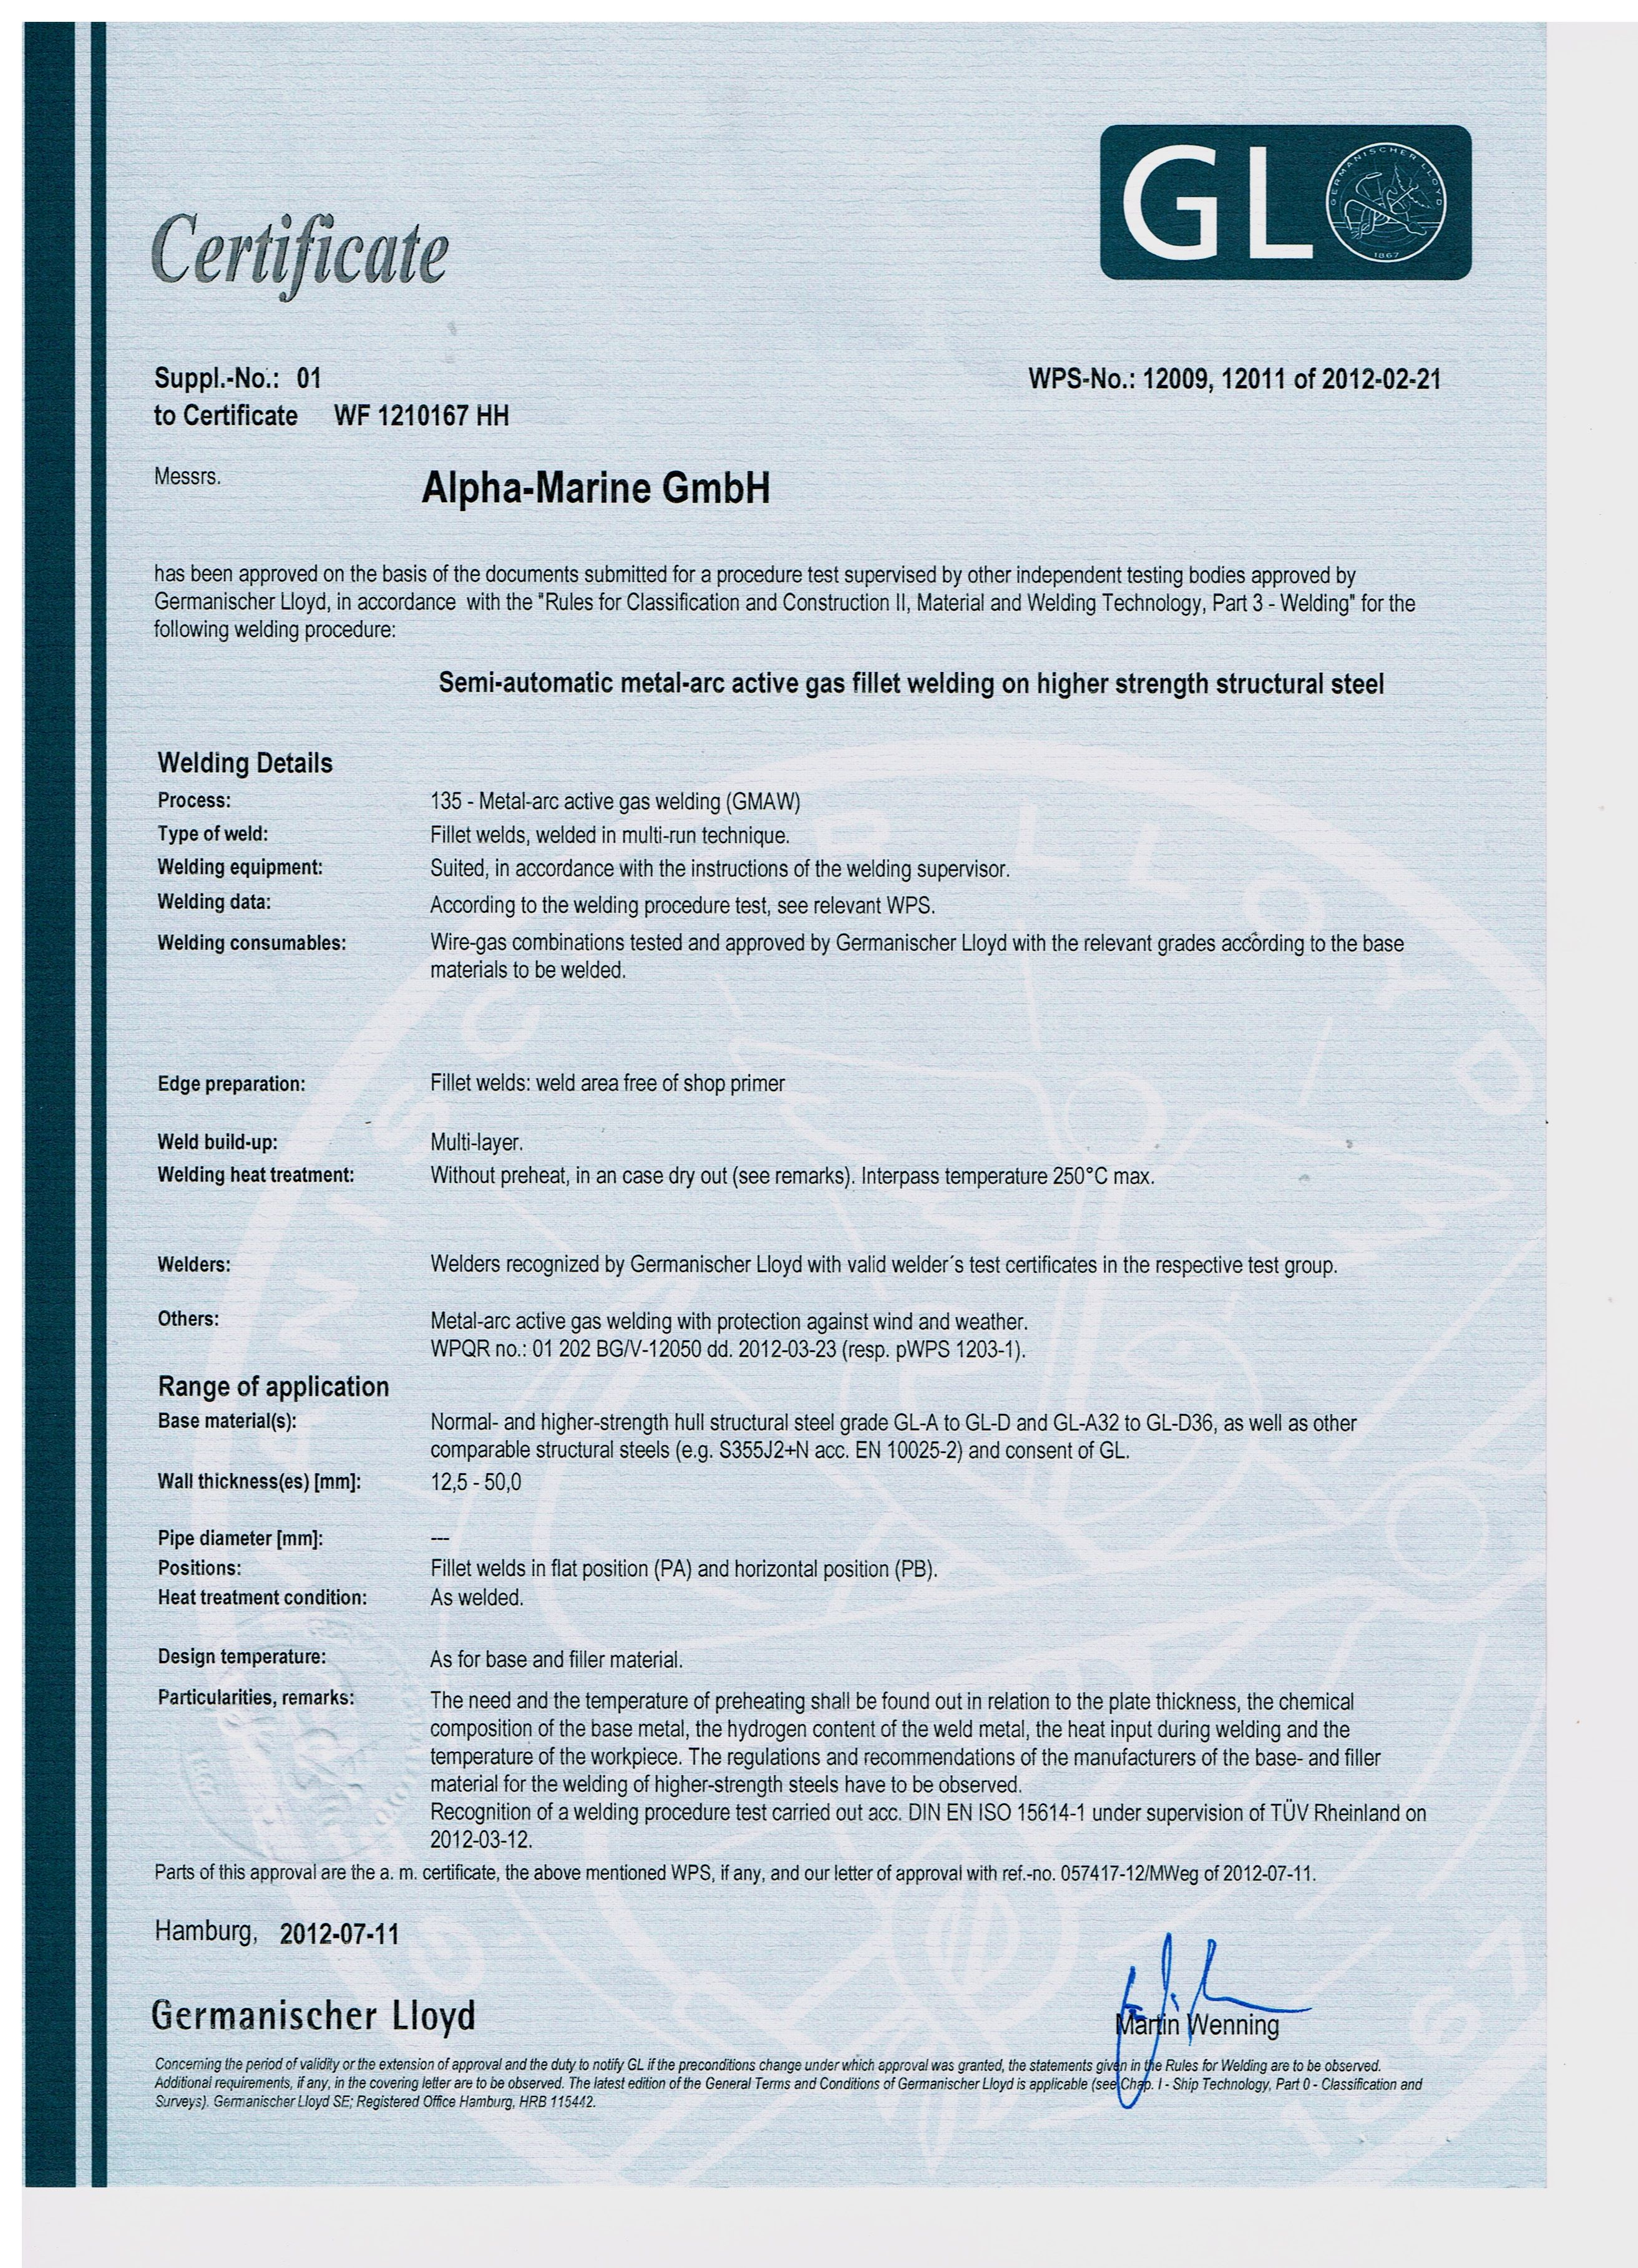 АЛФА-МАРИНЕ ООД (Alpha-Marine GmbH) - Welding certificate